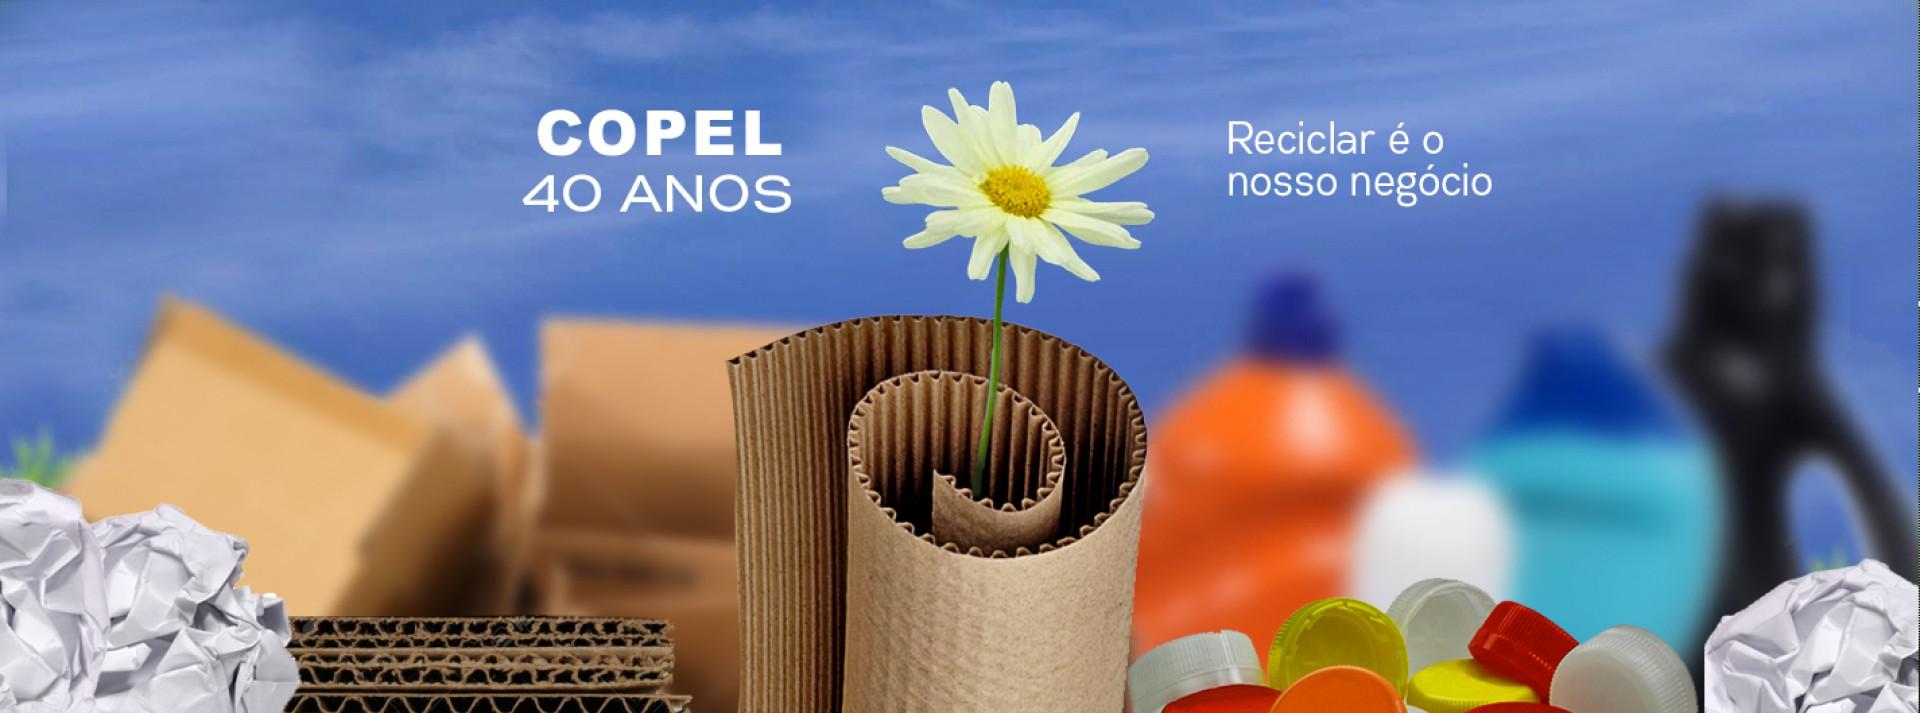 Copel Recicláveis